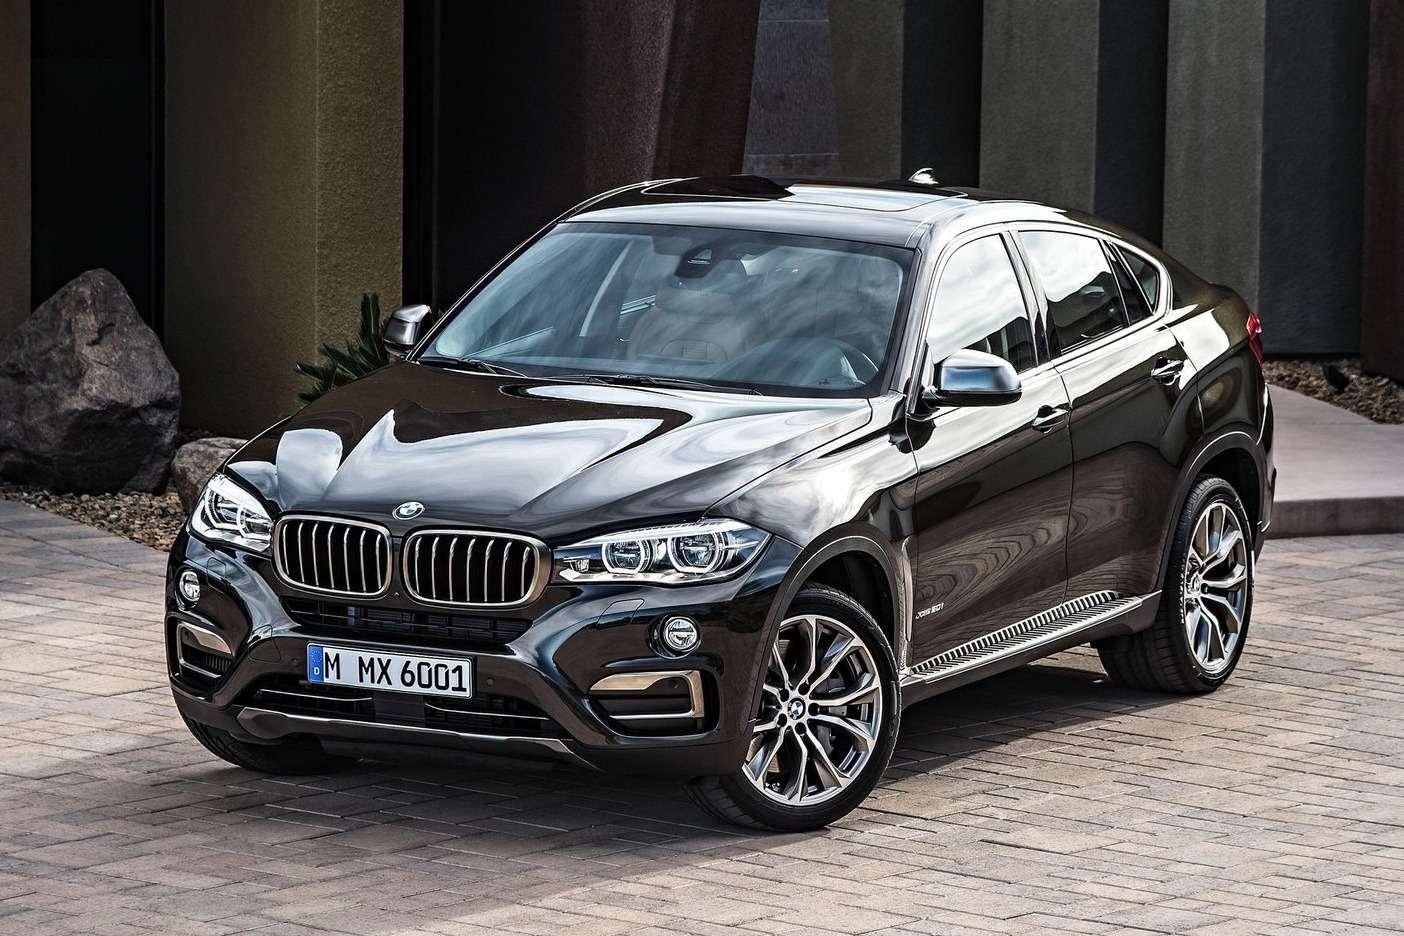 BMW-X6_2015_1600x1200_wallpaper_07